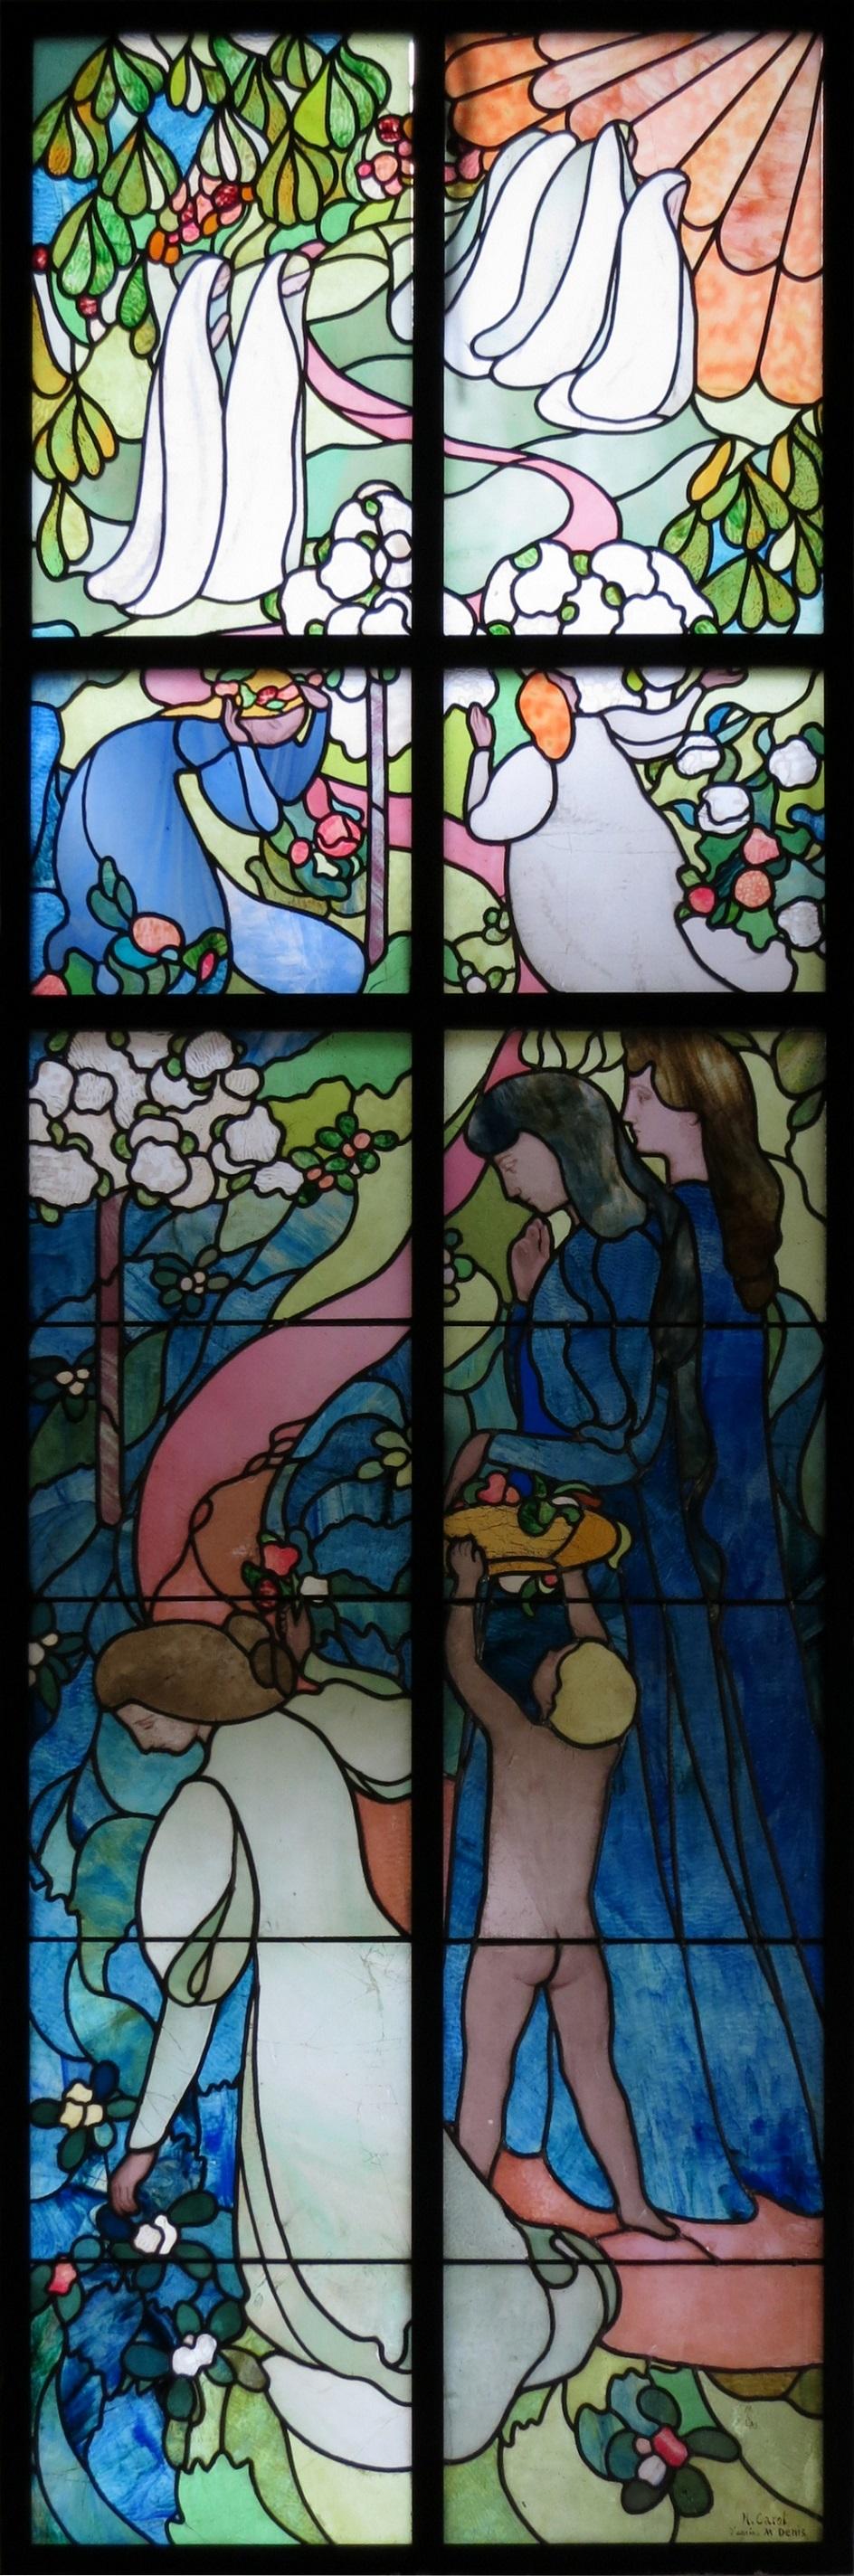 Морис Дени. Витраж «Путь к жизни», 1895